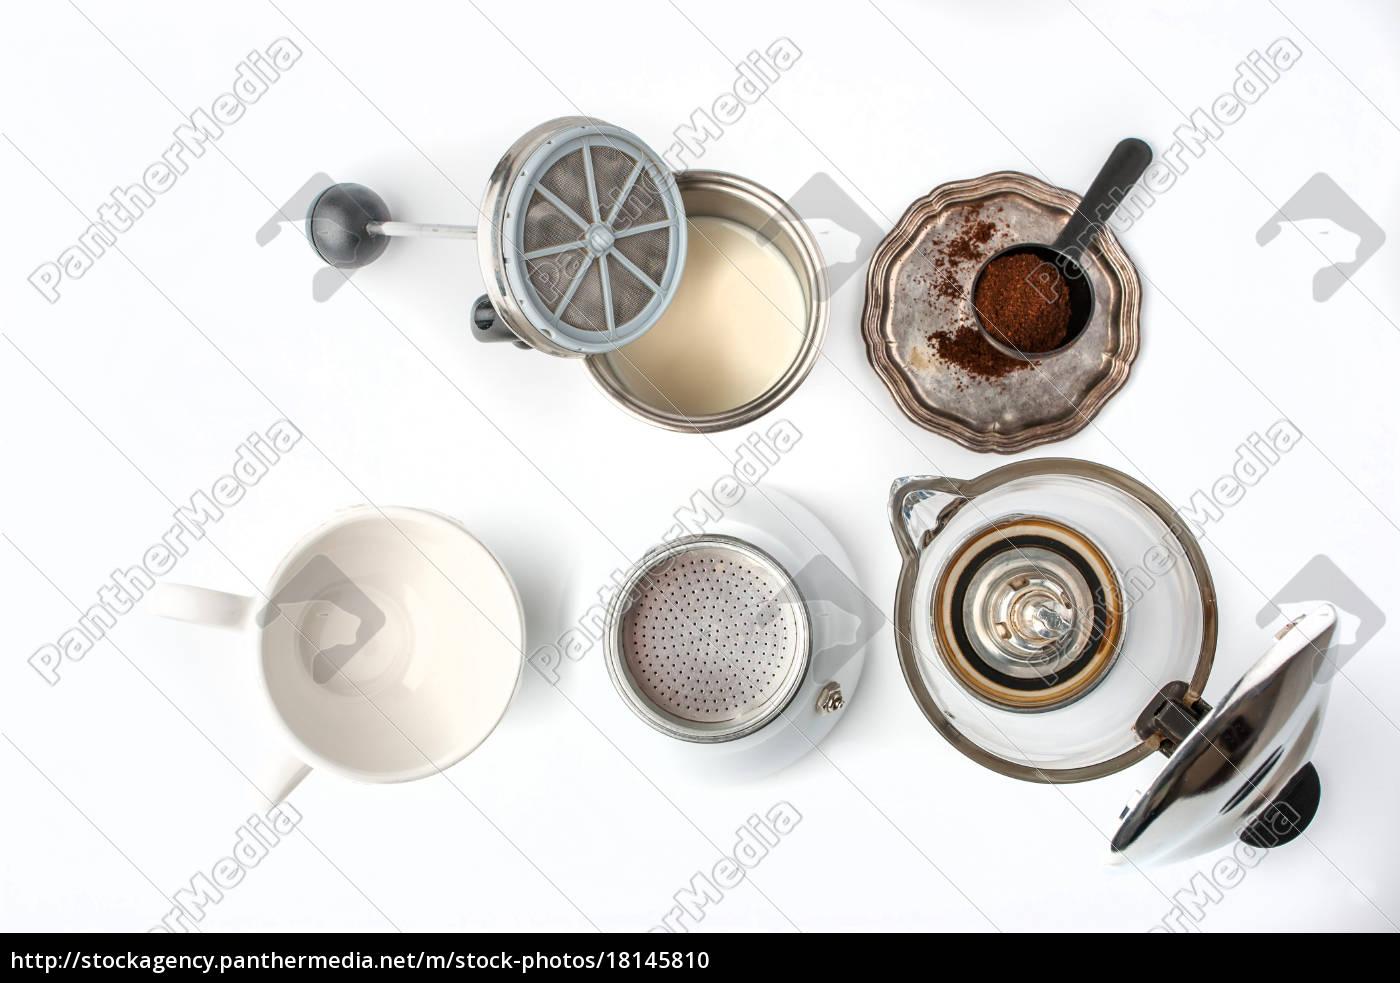 przygotowanie, kawy, ustawionej, na, białym, tle - 18145810